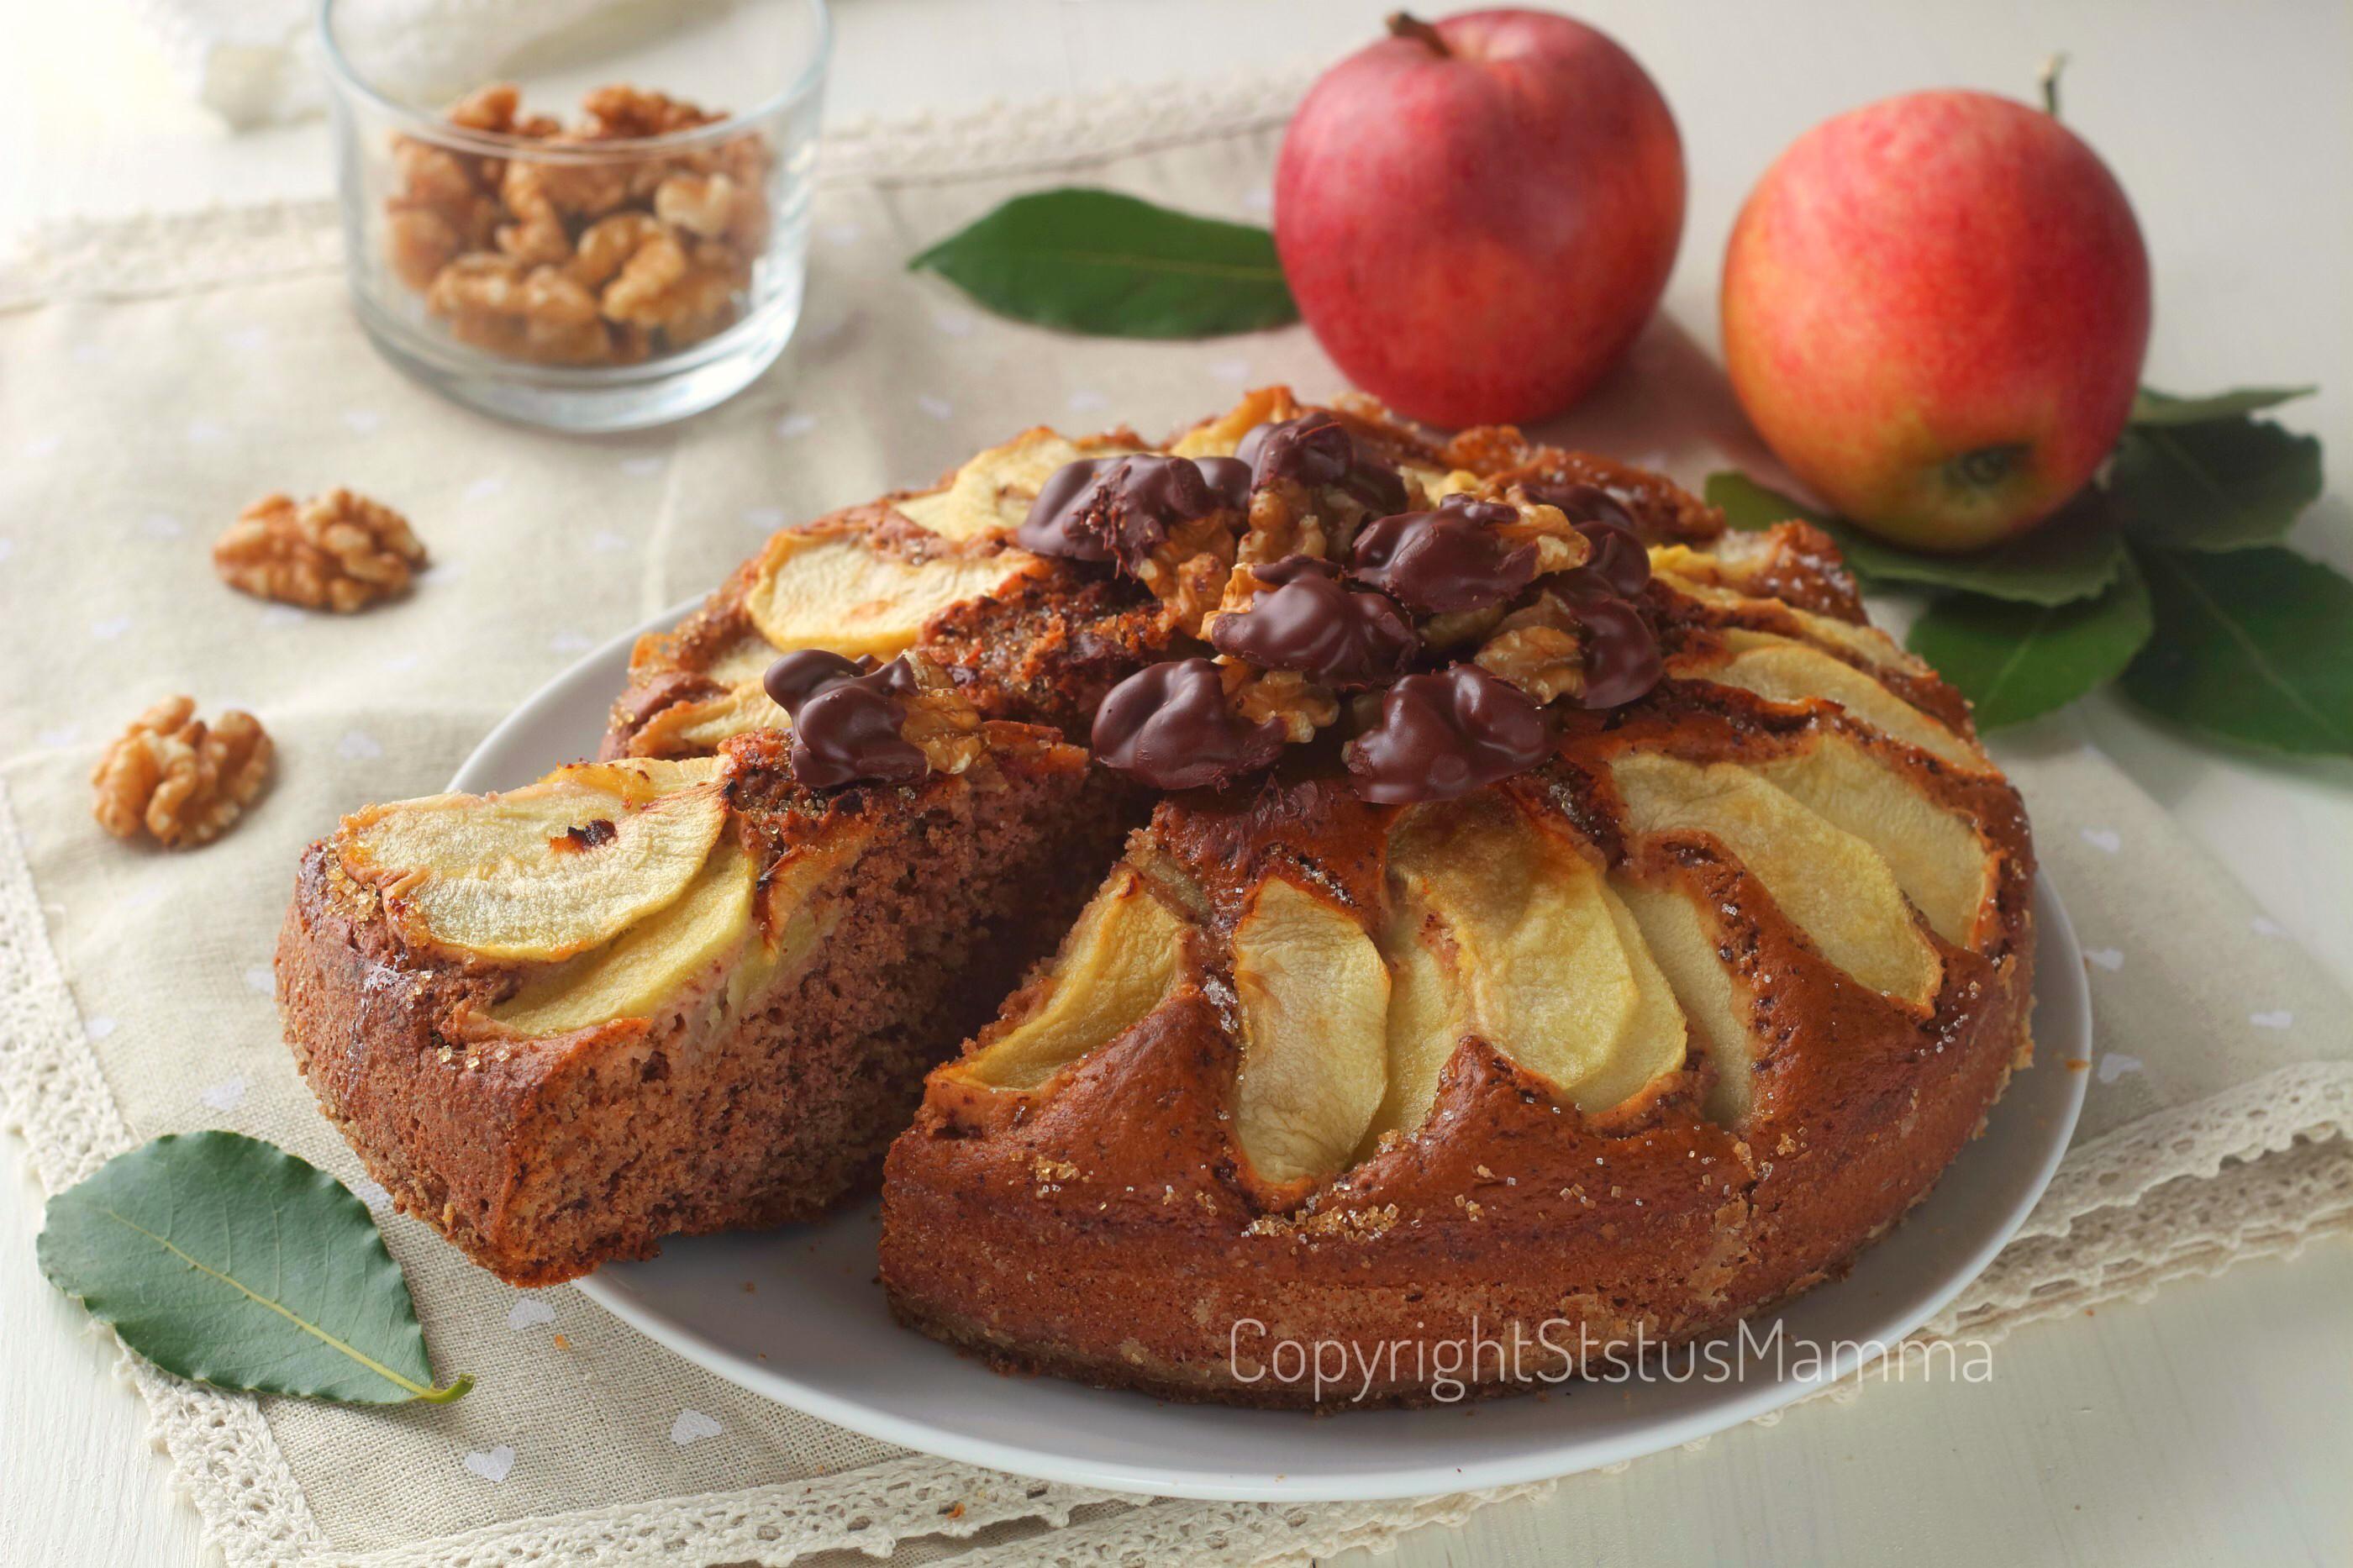 Torta di mele al cioccolato e noci 2